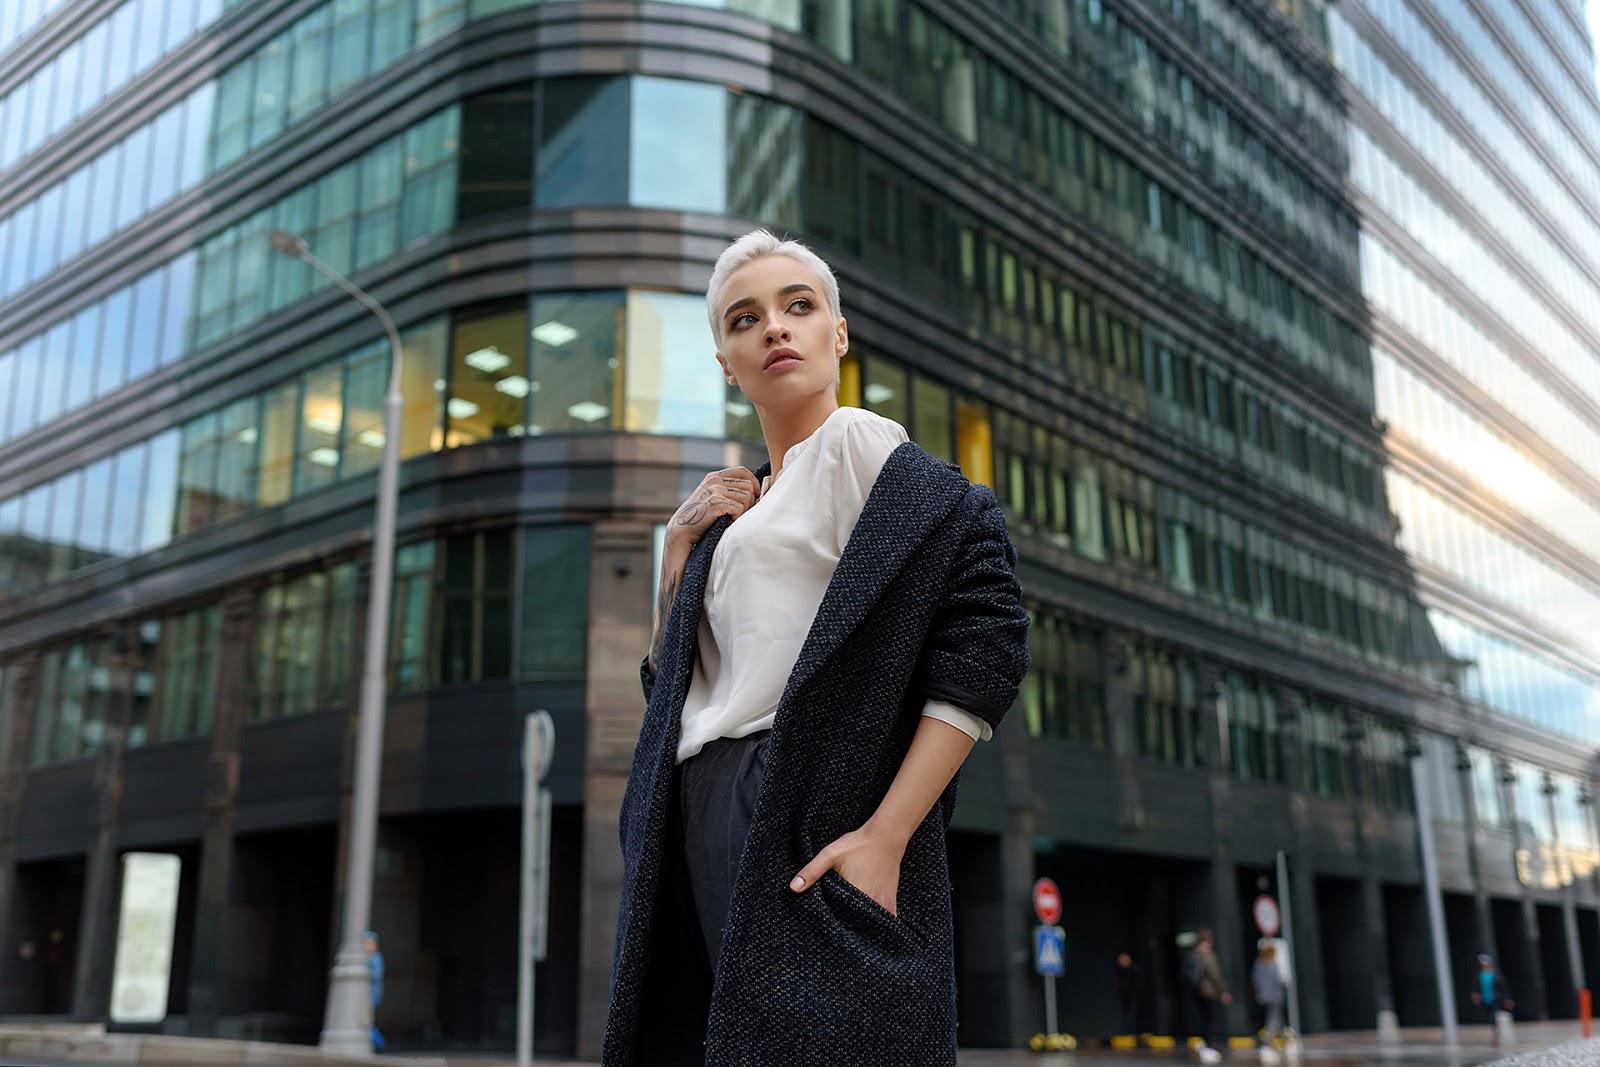 Анастасия. Портрет в городской среде